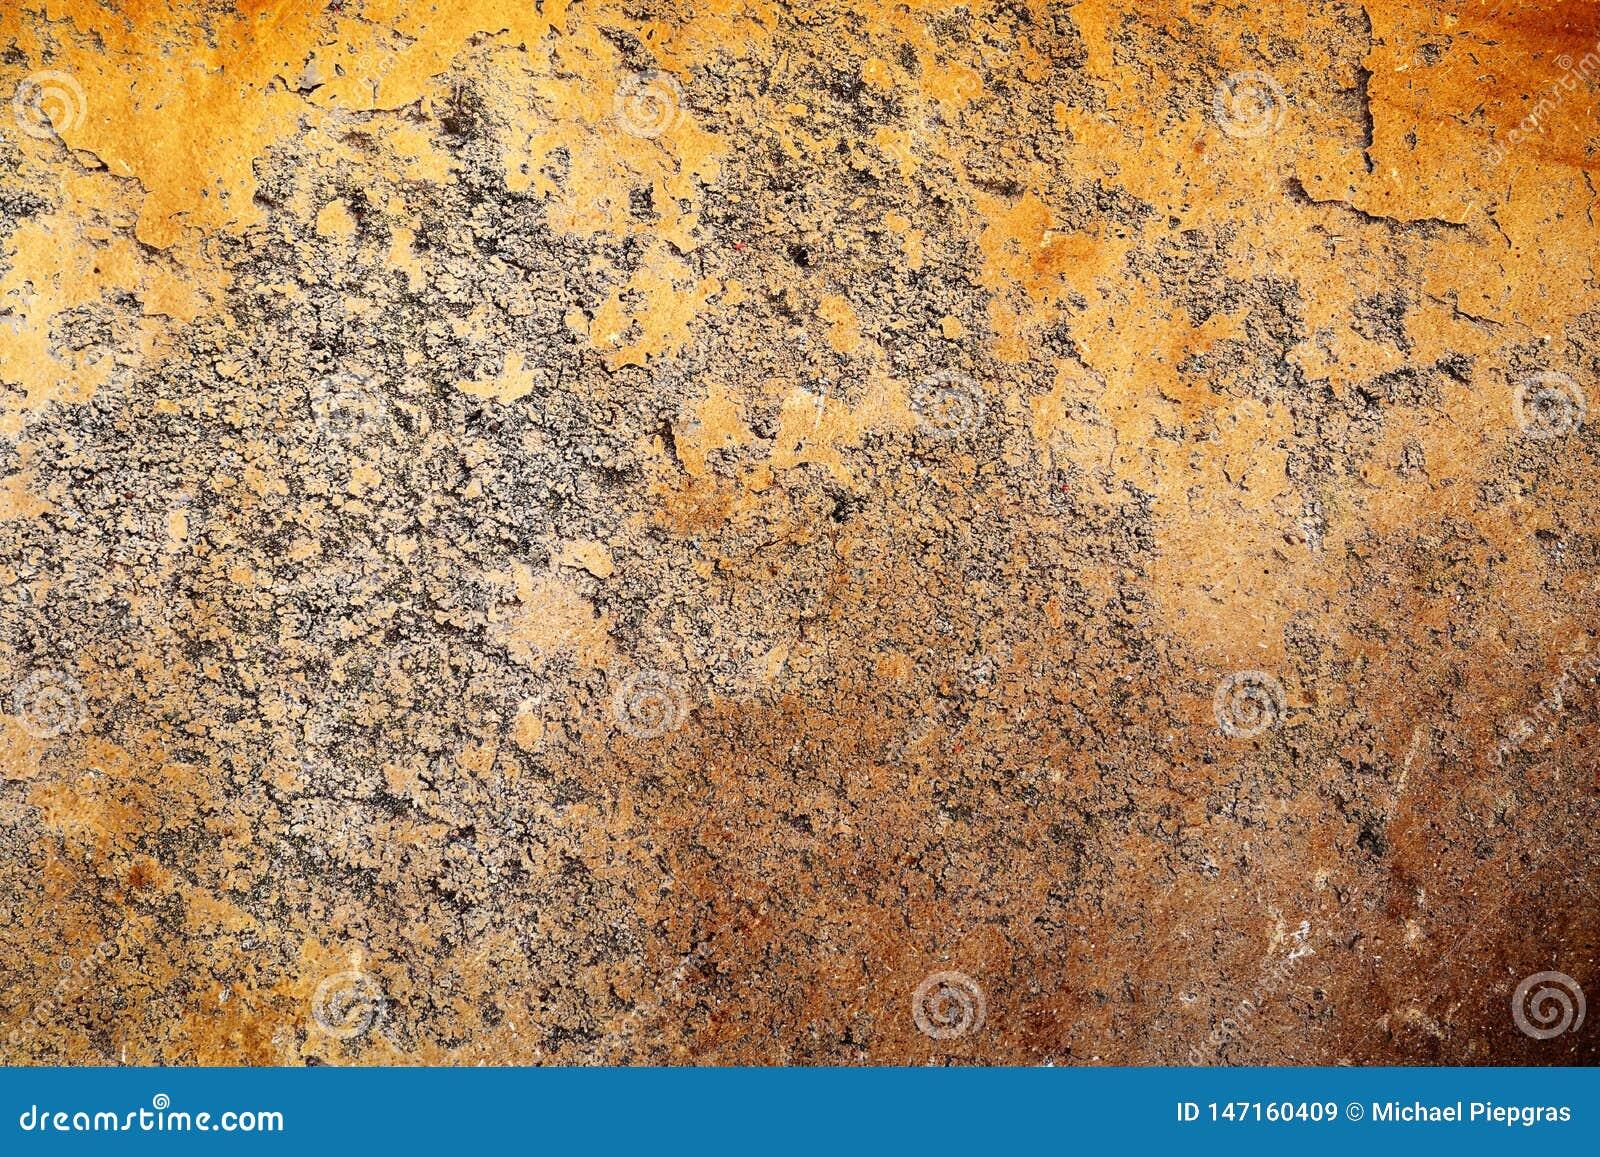 Gedetailleerde dichte omhooggaande oppervlakte van gebarsten en doorstane concrete muren in hoge resolutie